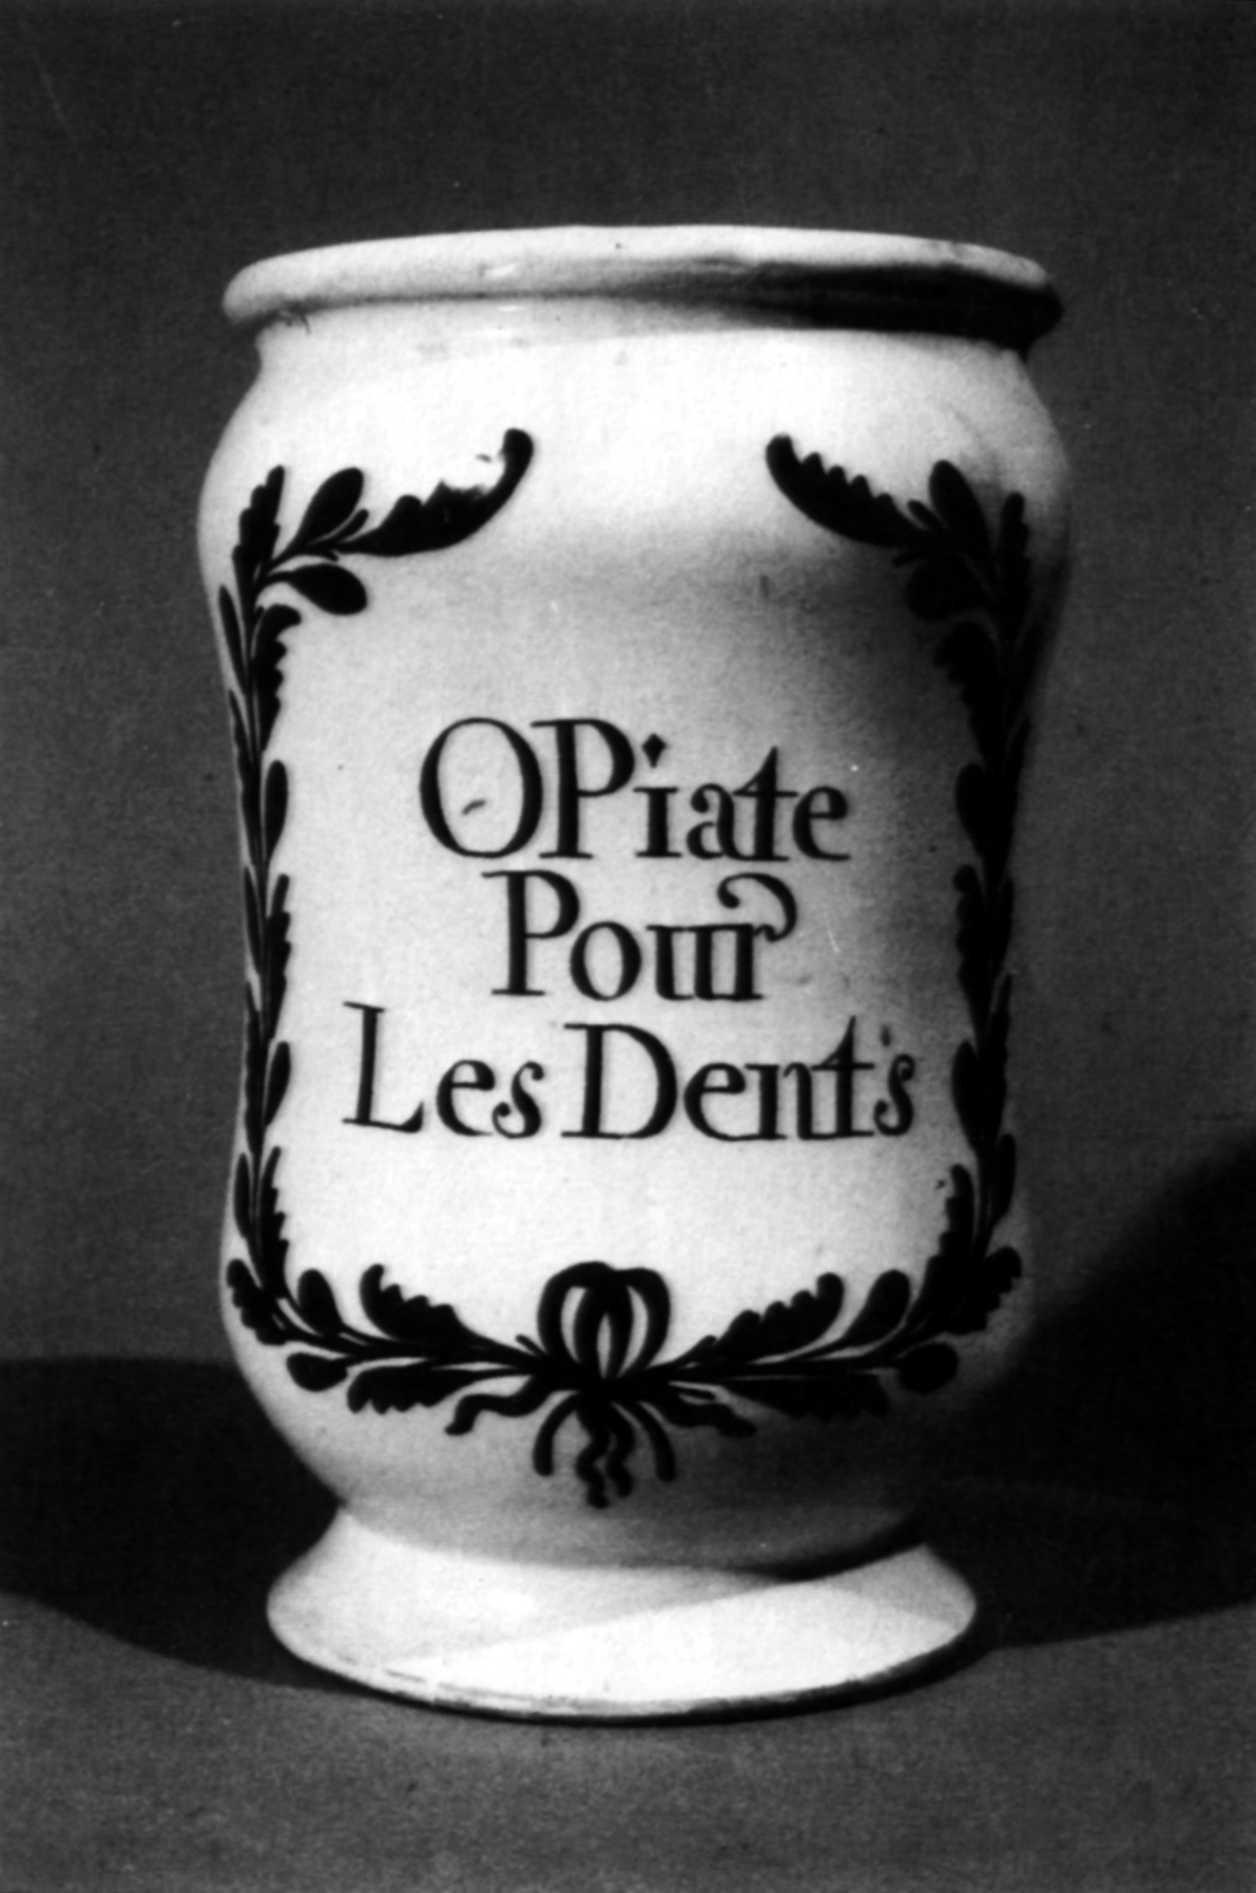 Opiate pour les Dents